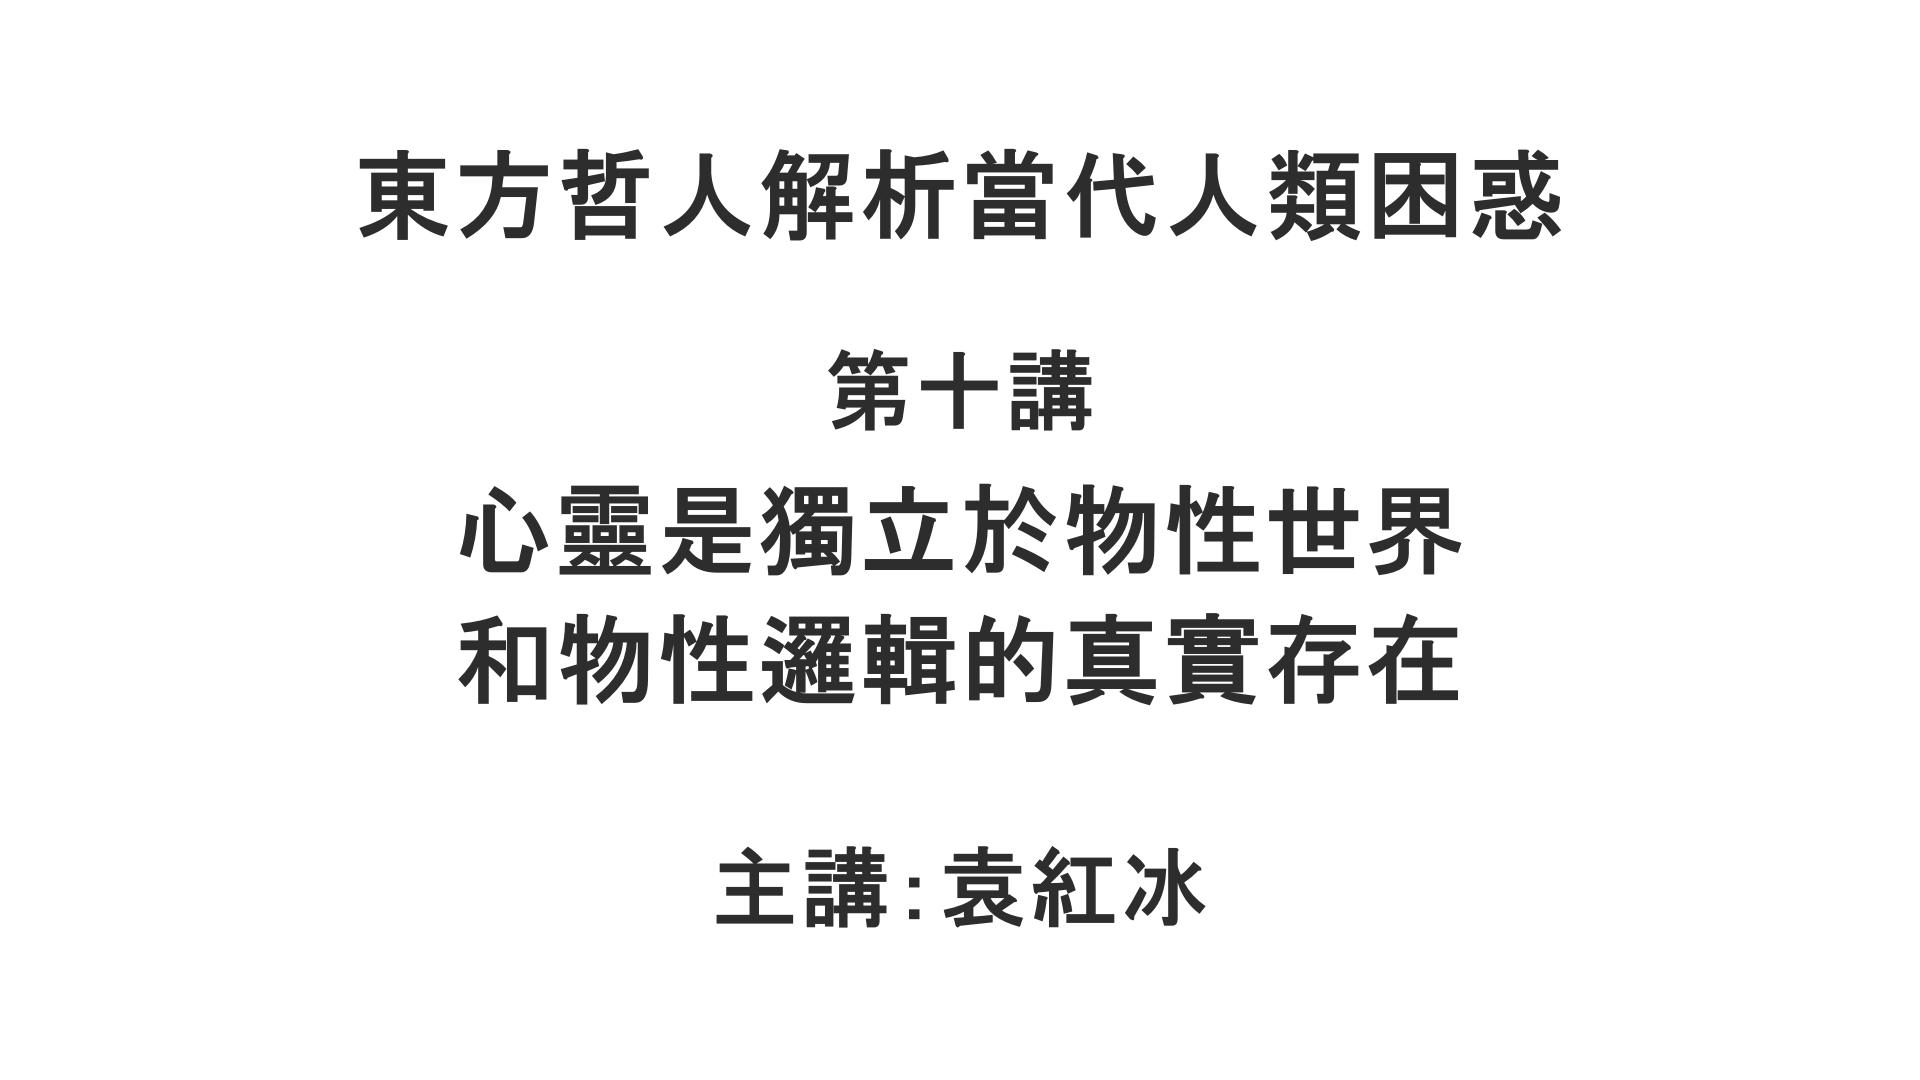 YuanHongBing-XingTan-4-10-04012021